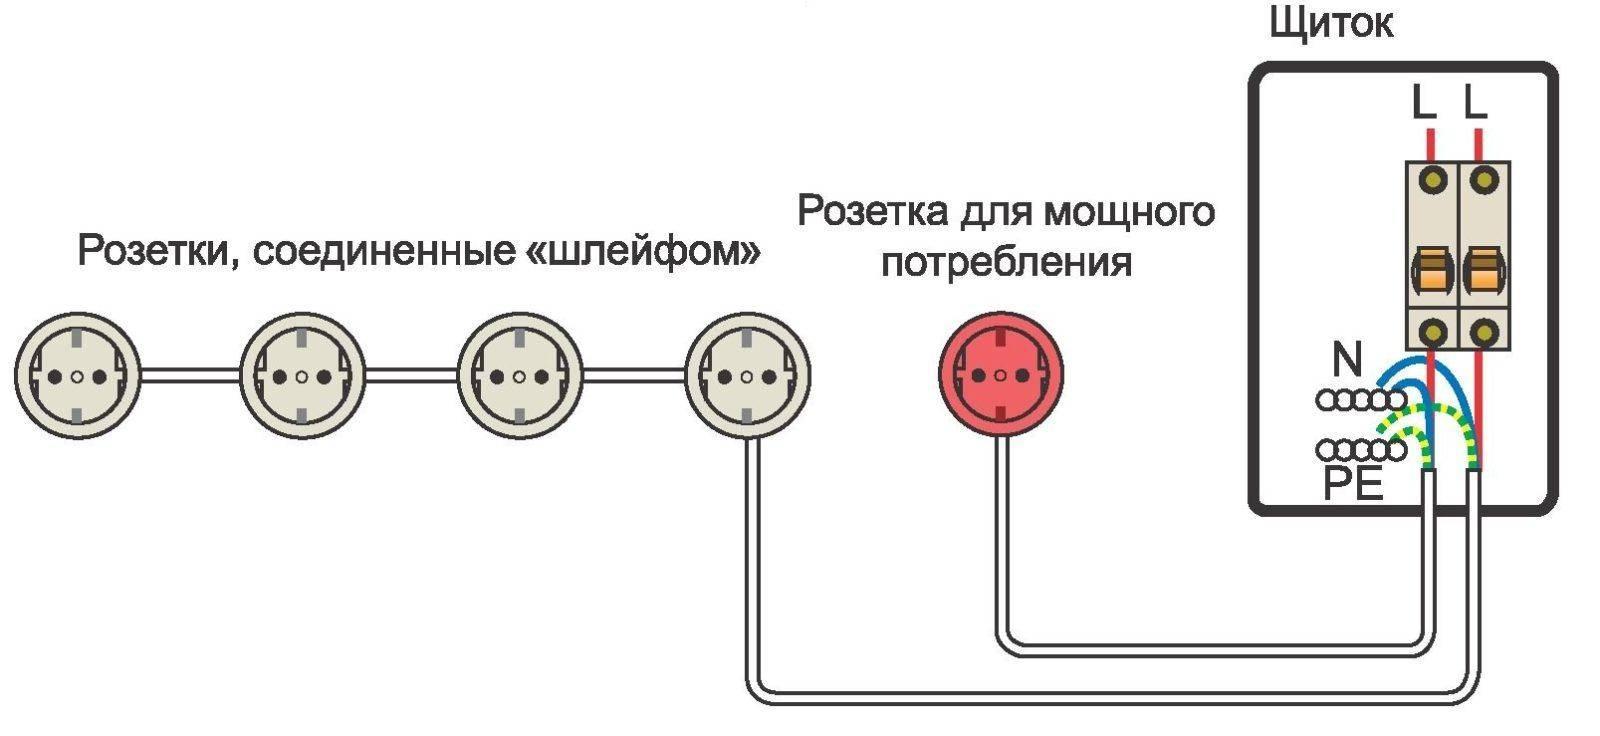 Как подключить розетку с usb: описание, схемы, инструкции